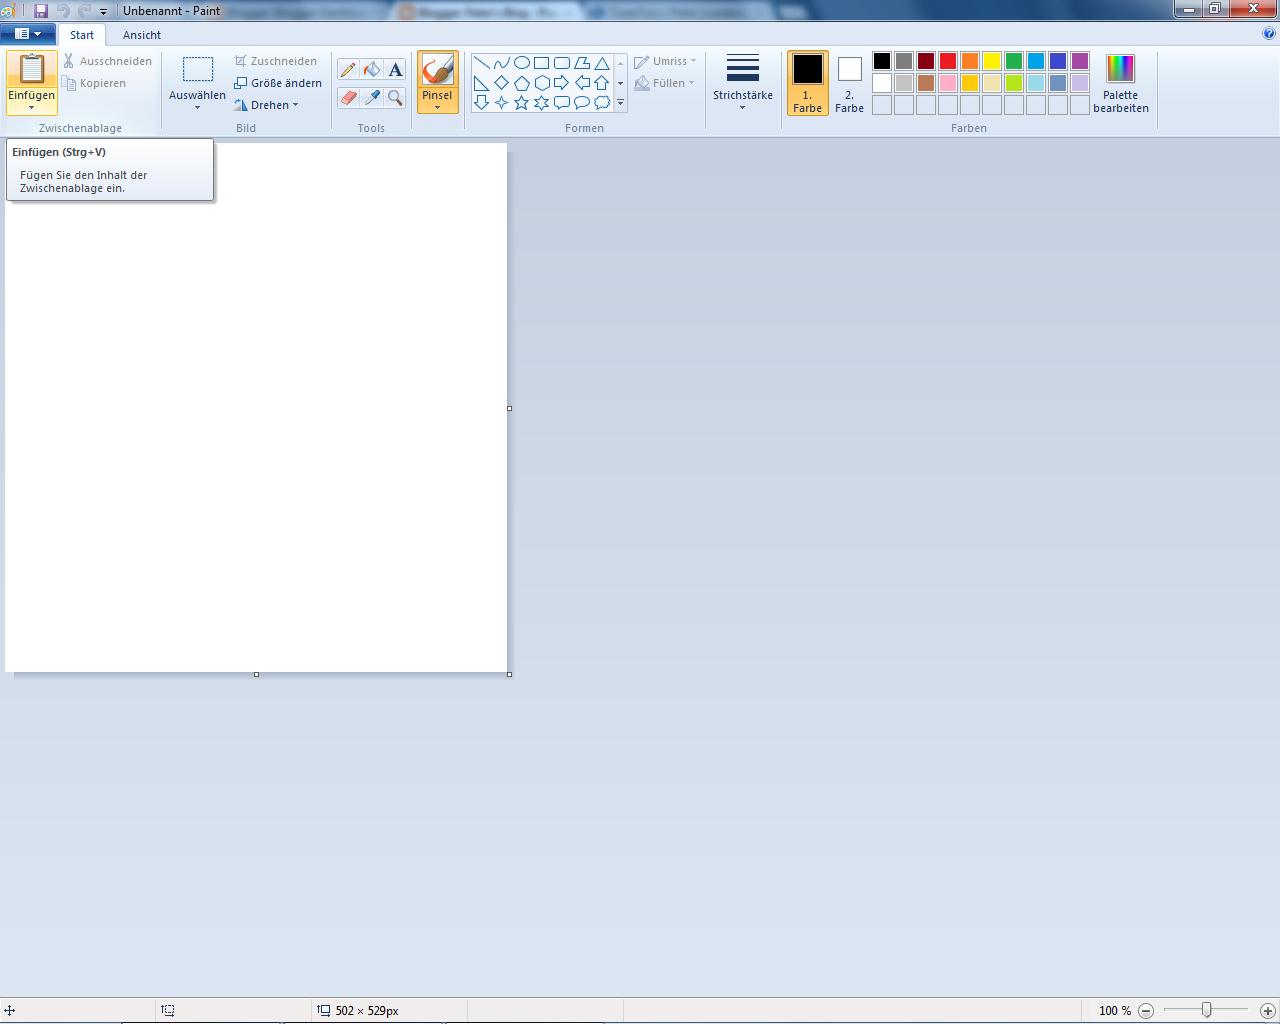 ScreenShot - Einfügen - Paint